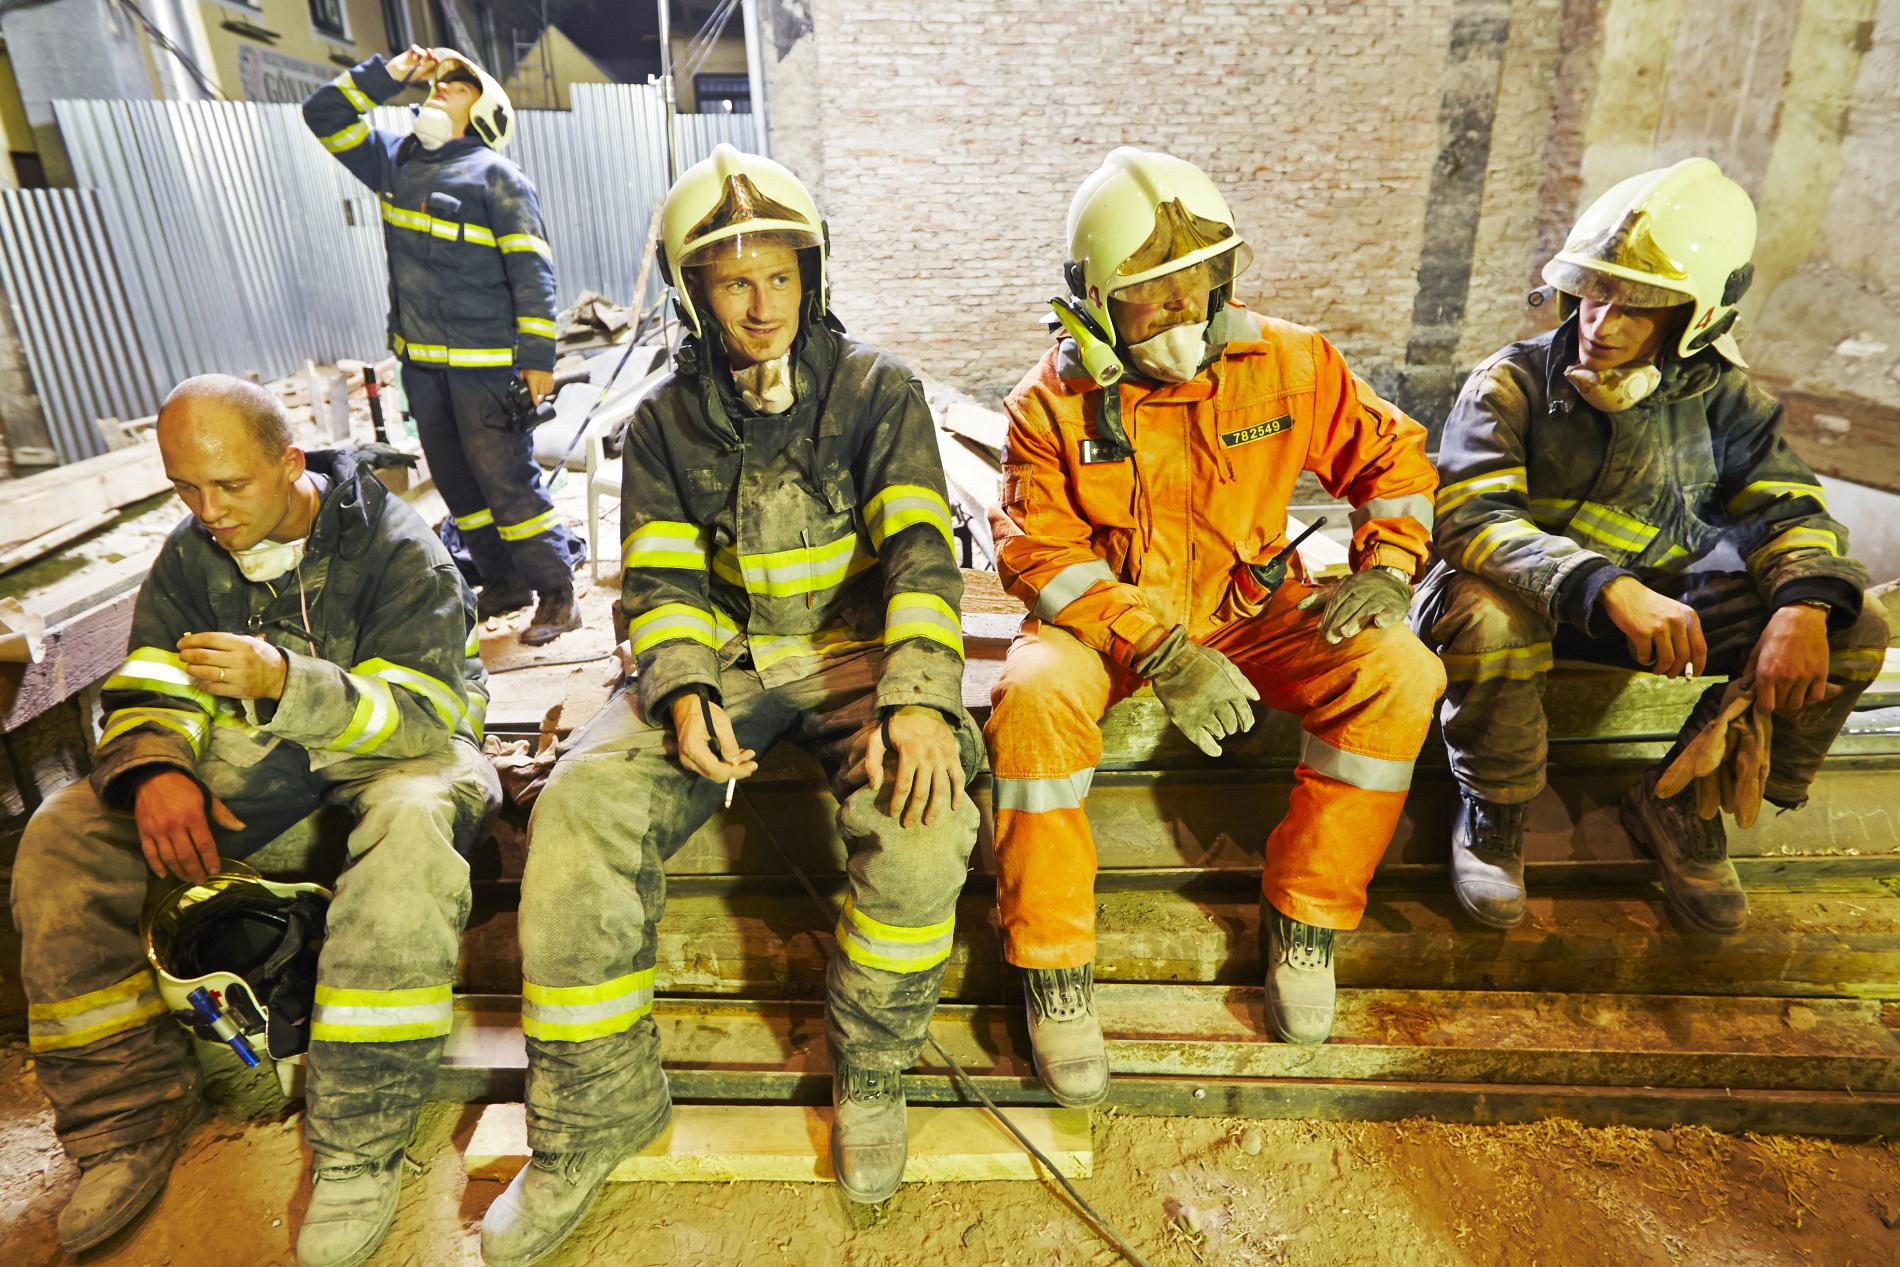 Po třiceti hodinách odhrabávání sutin hasiči nalezli první tělo. Jenže jako by trosky domu ještě neřekly poslední slovo, kdykoliv se mohou bortit dál. Akce pokračuje. Jen co si tito muži jen trochu odpočinou, vystřídají své kolegy. - (Foto: Jaromír Chalabala)